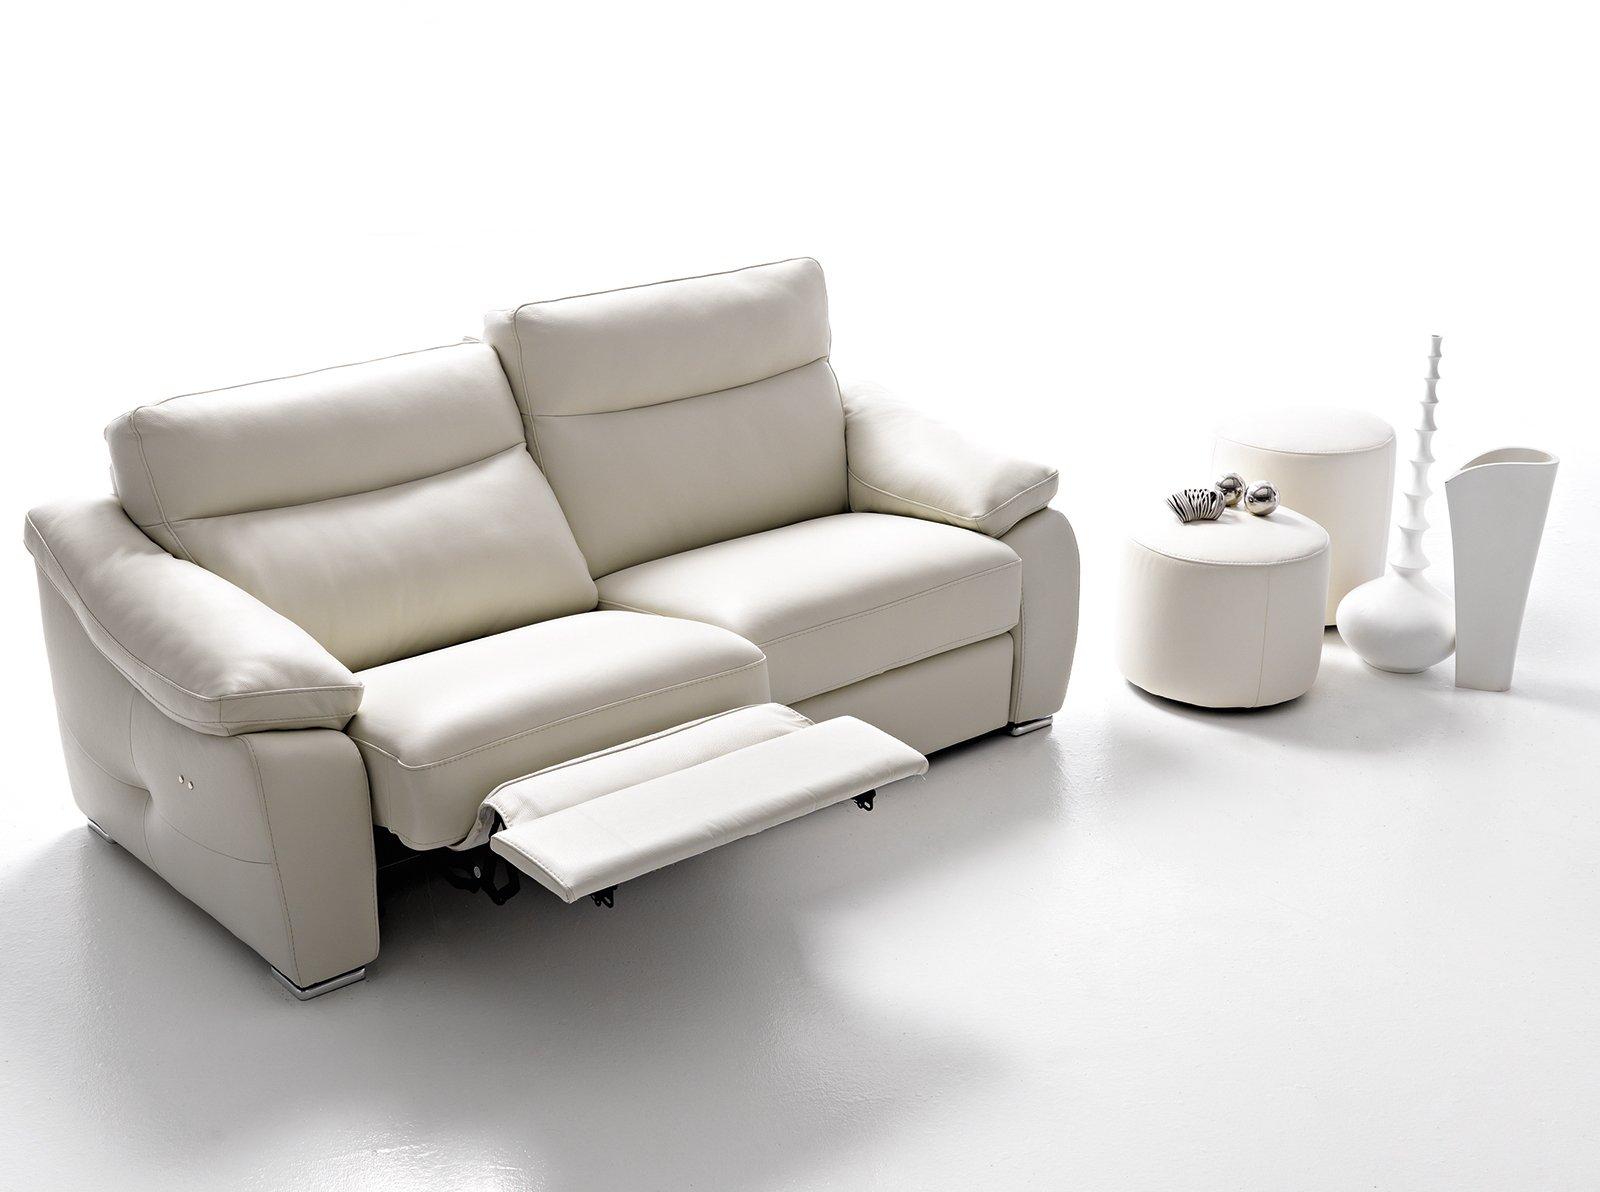 Divani con meccanismi per ogni tipo di relax cose di casa - Copridivano per divano in pelle ...